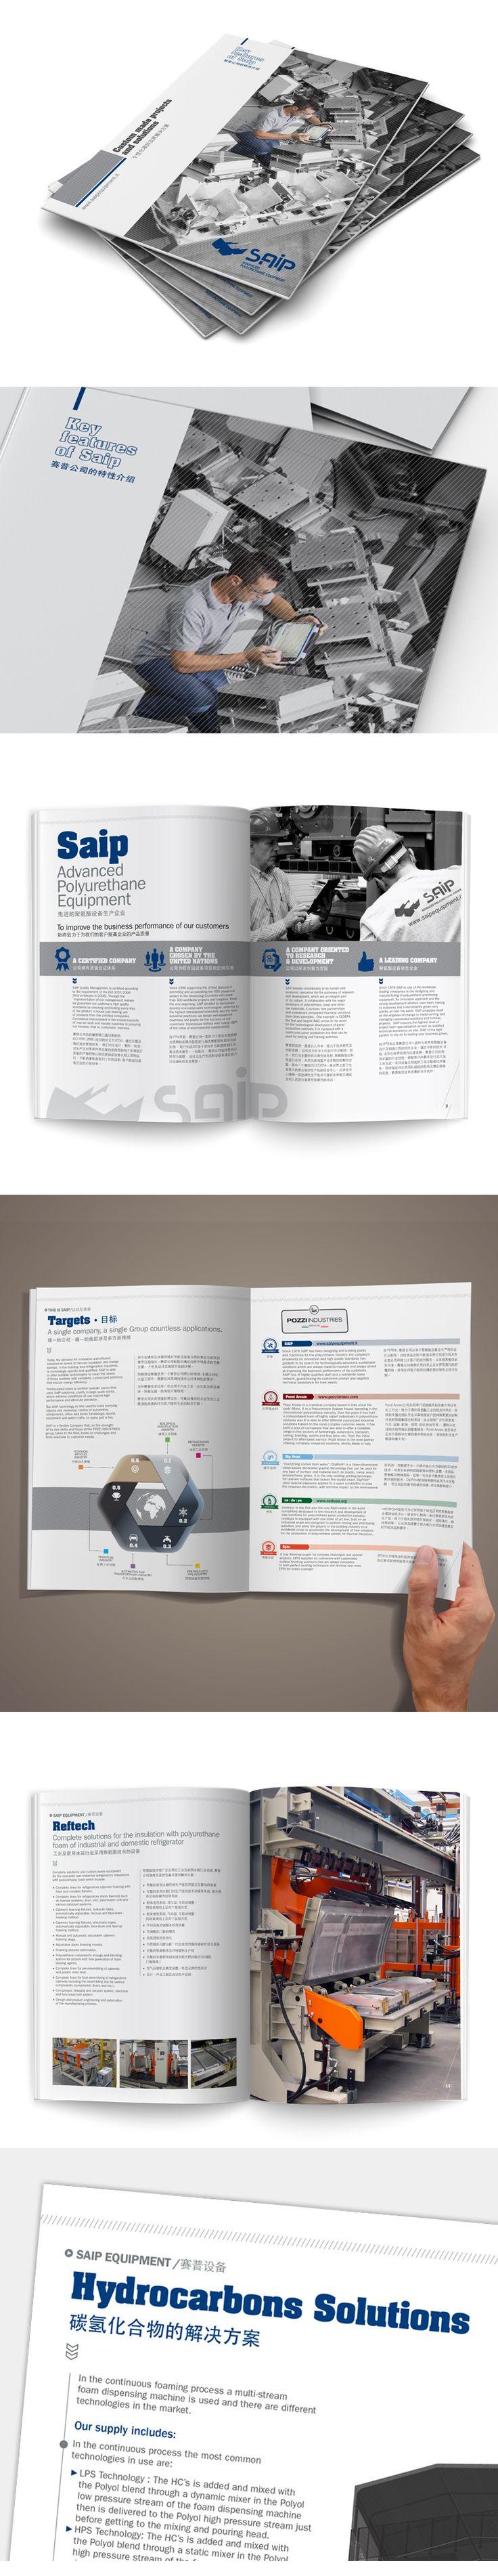 Key Features of Saip è uno strumento più snello, un catalogo fruibile da tutti coloro che operando in mercati non italiani avessero accesso a informazioni precise e dettagliate anche in cinese, con il solito apporto grafico/fotografico che ne caratterizzasse la veste.